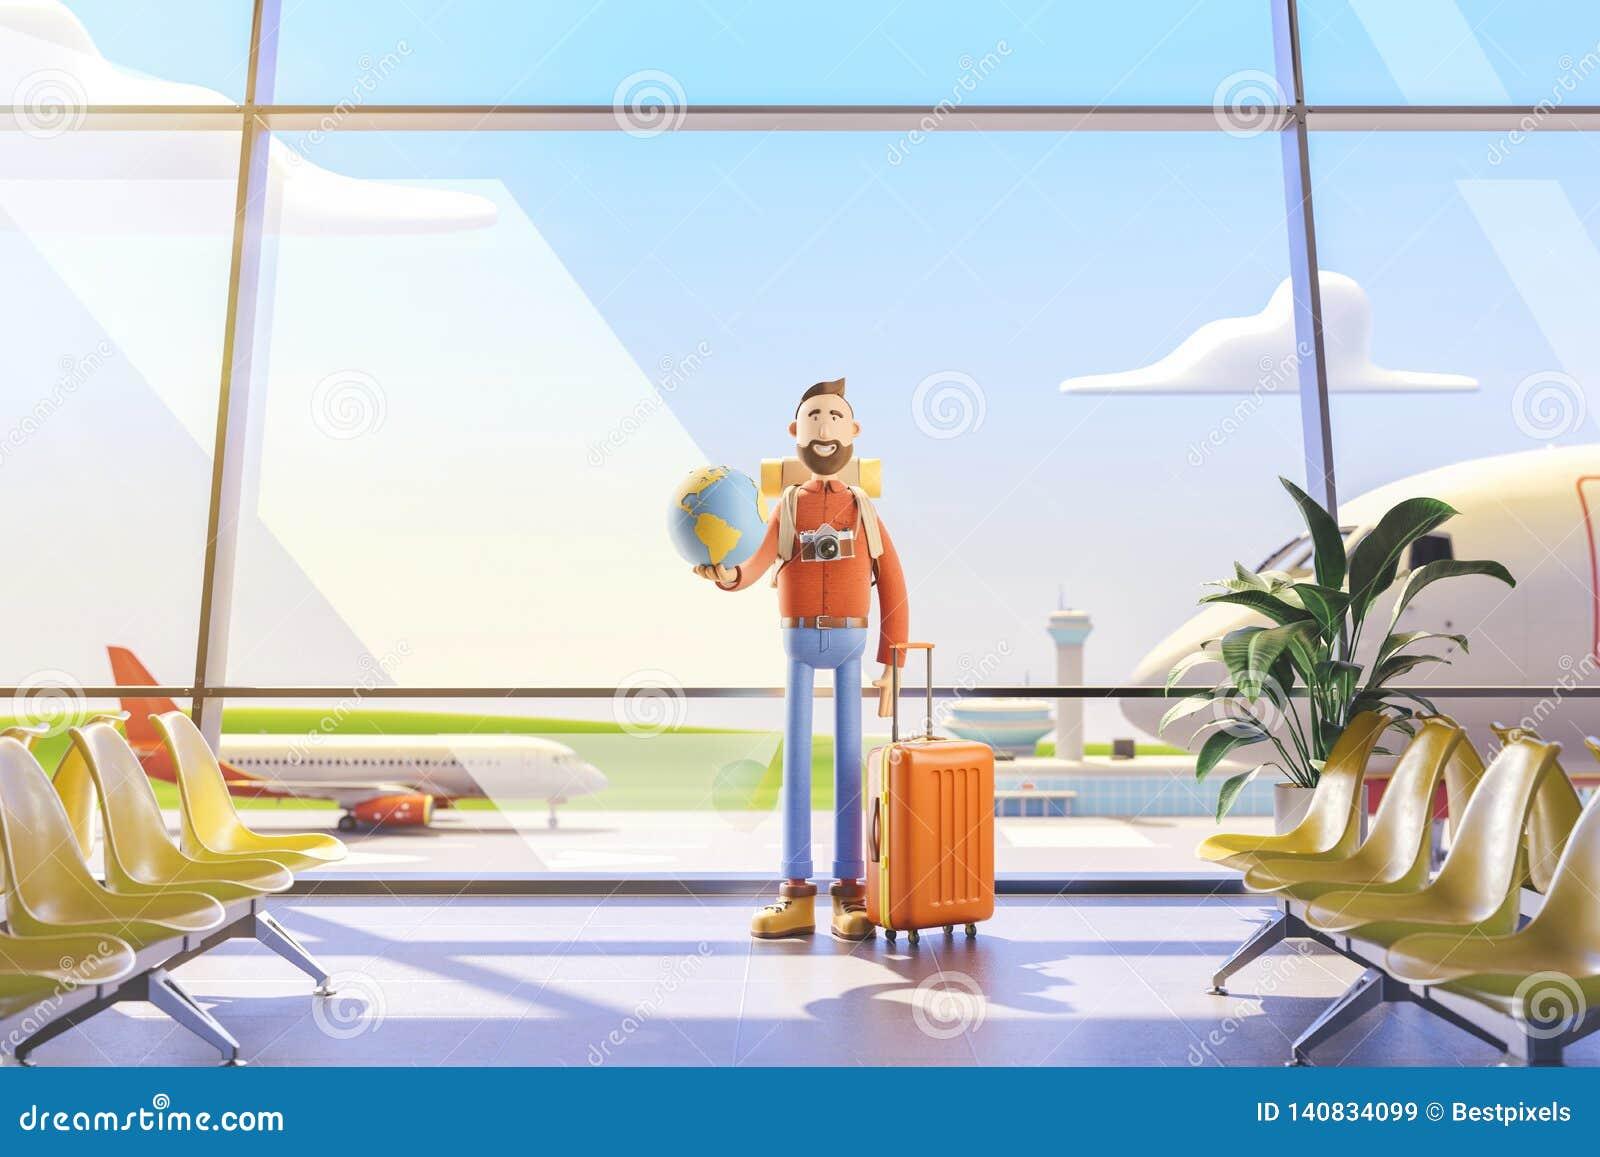 Турист персонажа из мультфильма держит весь свет на ладони в аэропорте иллюстрация 3d Концепция перемещения мира